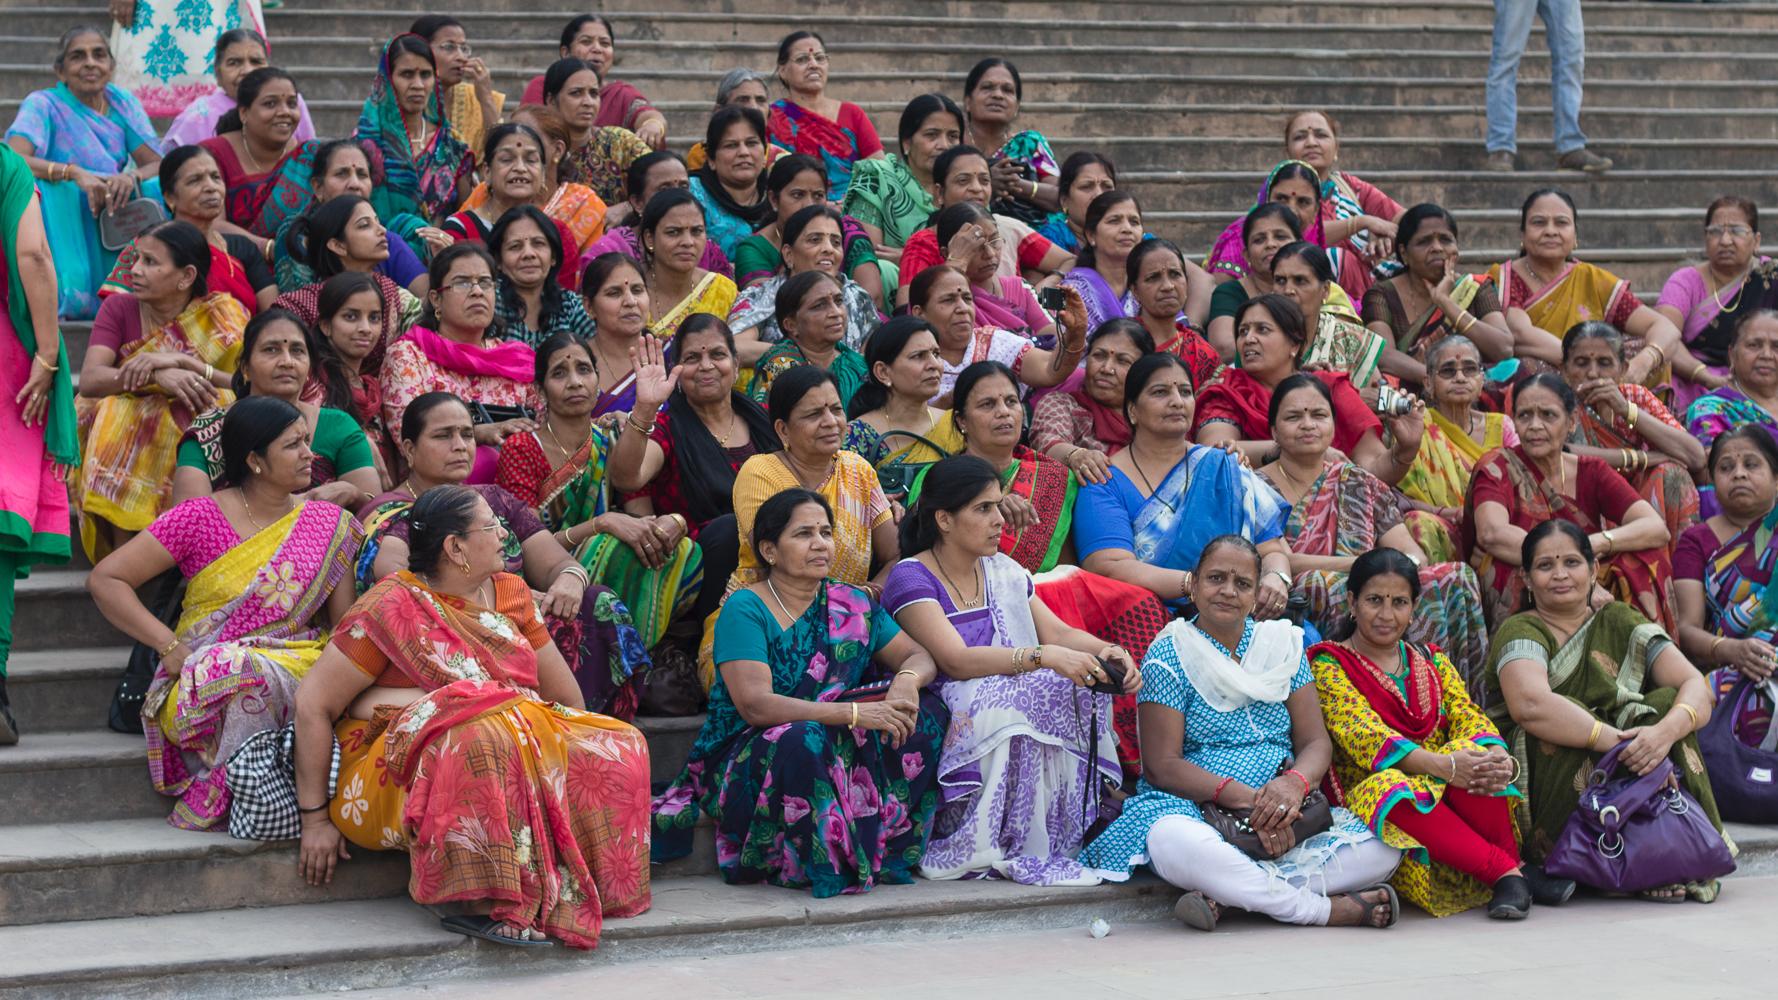 Groupe de femmes en saris coloré à Lucknow, Indes